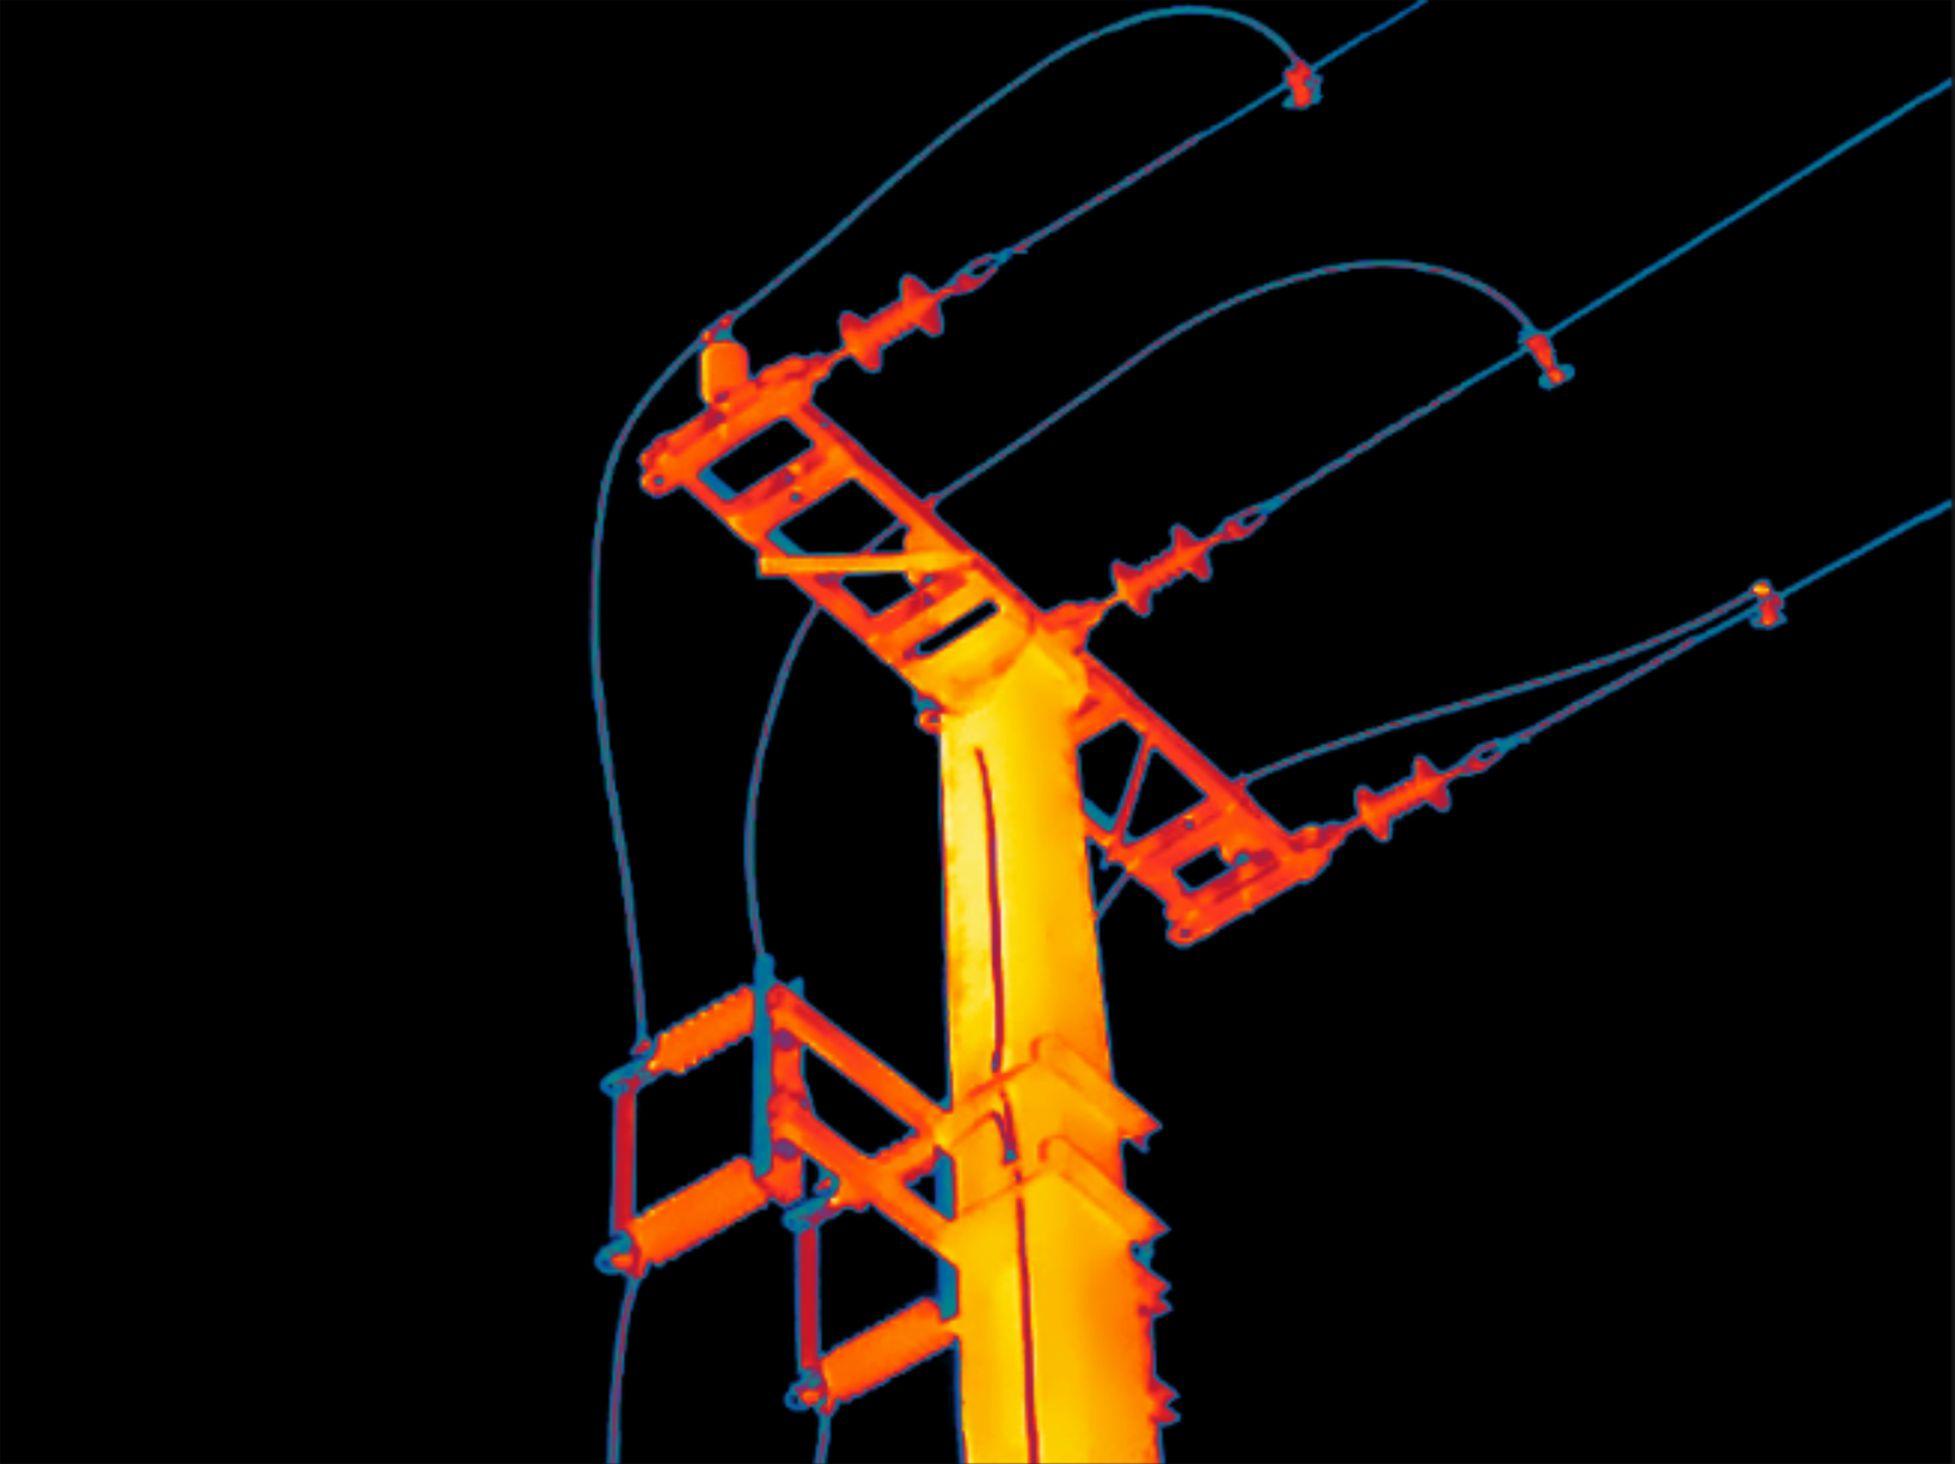 Elektrische thermografie bij een hoogspanningsleiding